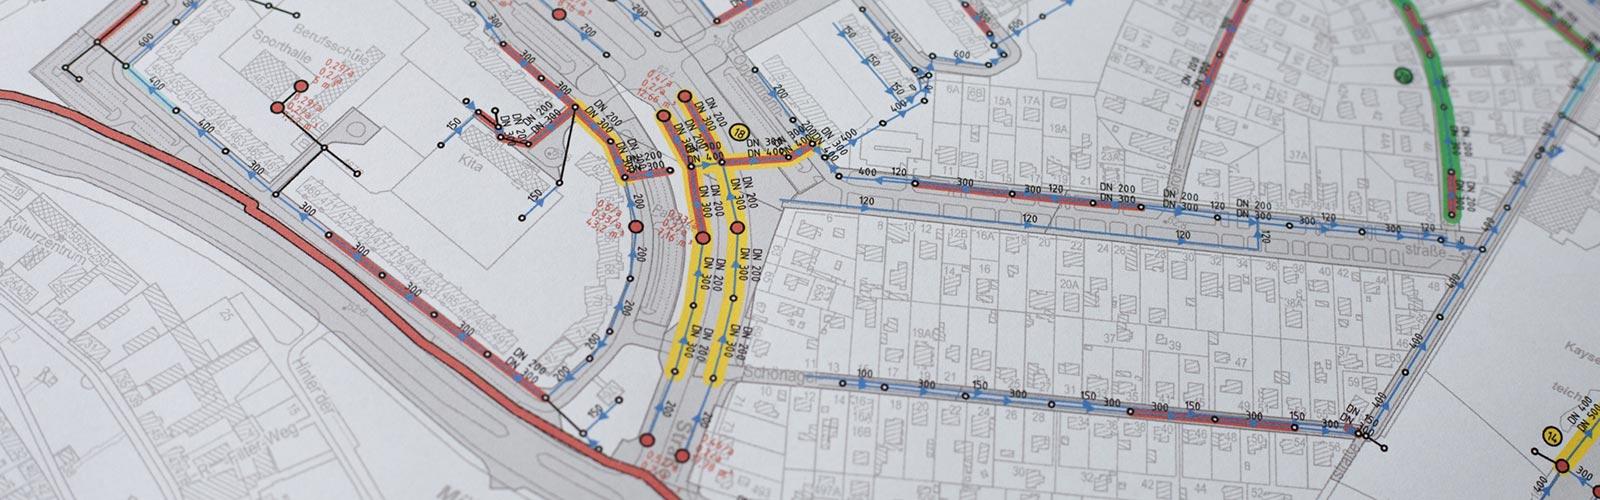 Generelle Planung Kanalisation